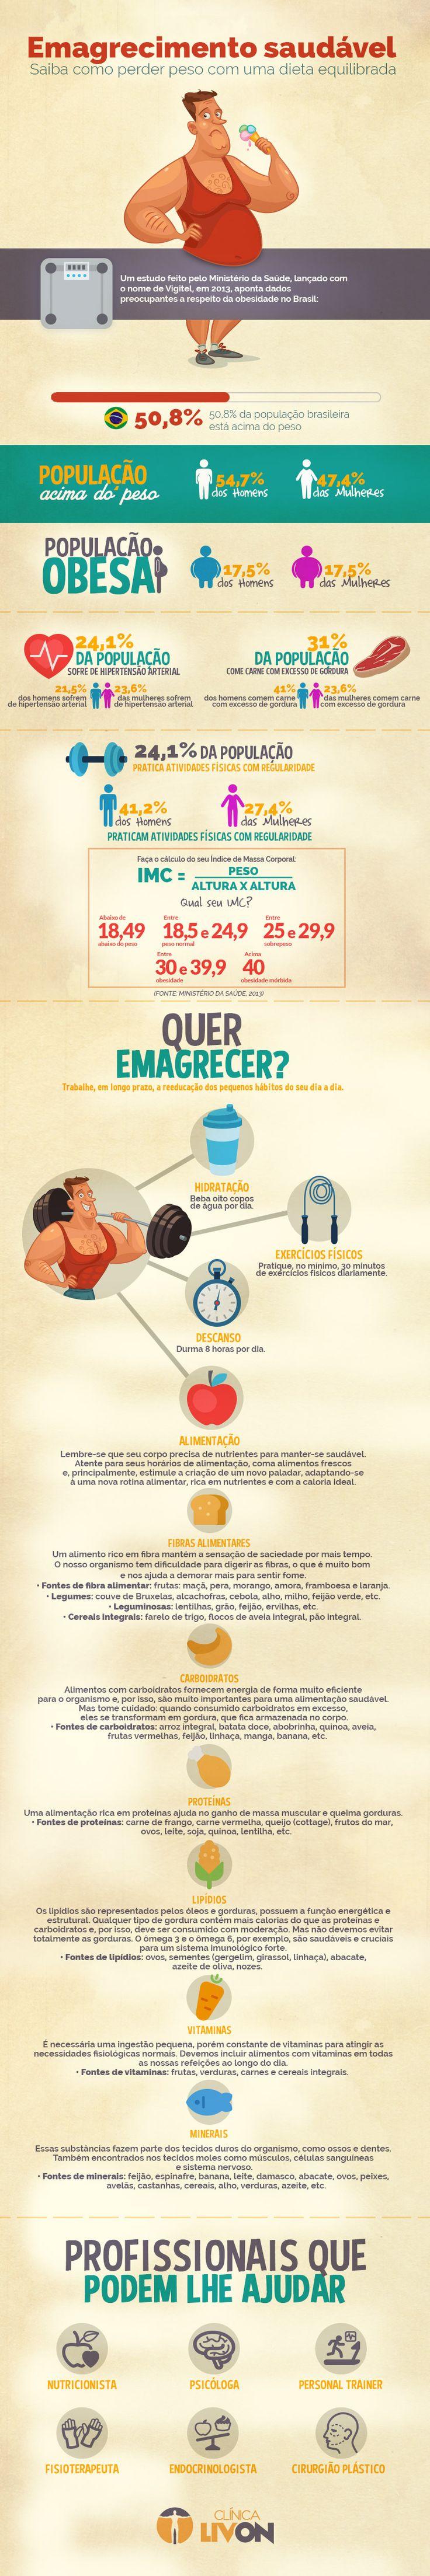 Emagrecimento saudável: saiba como perder peso com uma dieta equilibrada.  Infográfico com informações obesidade no Brasil e dicas de emagrecimento saudável.